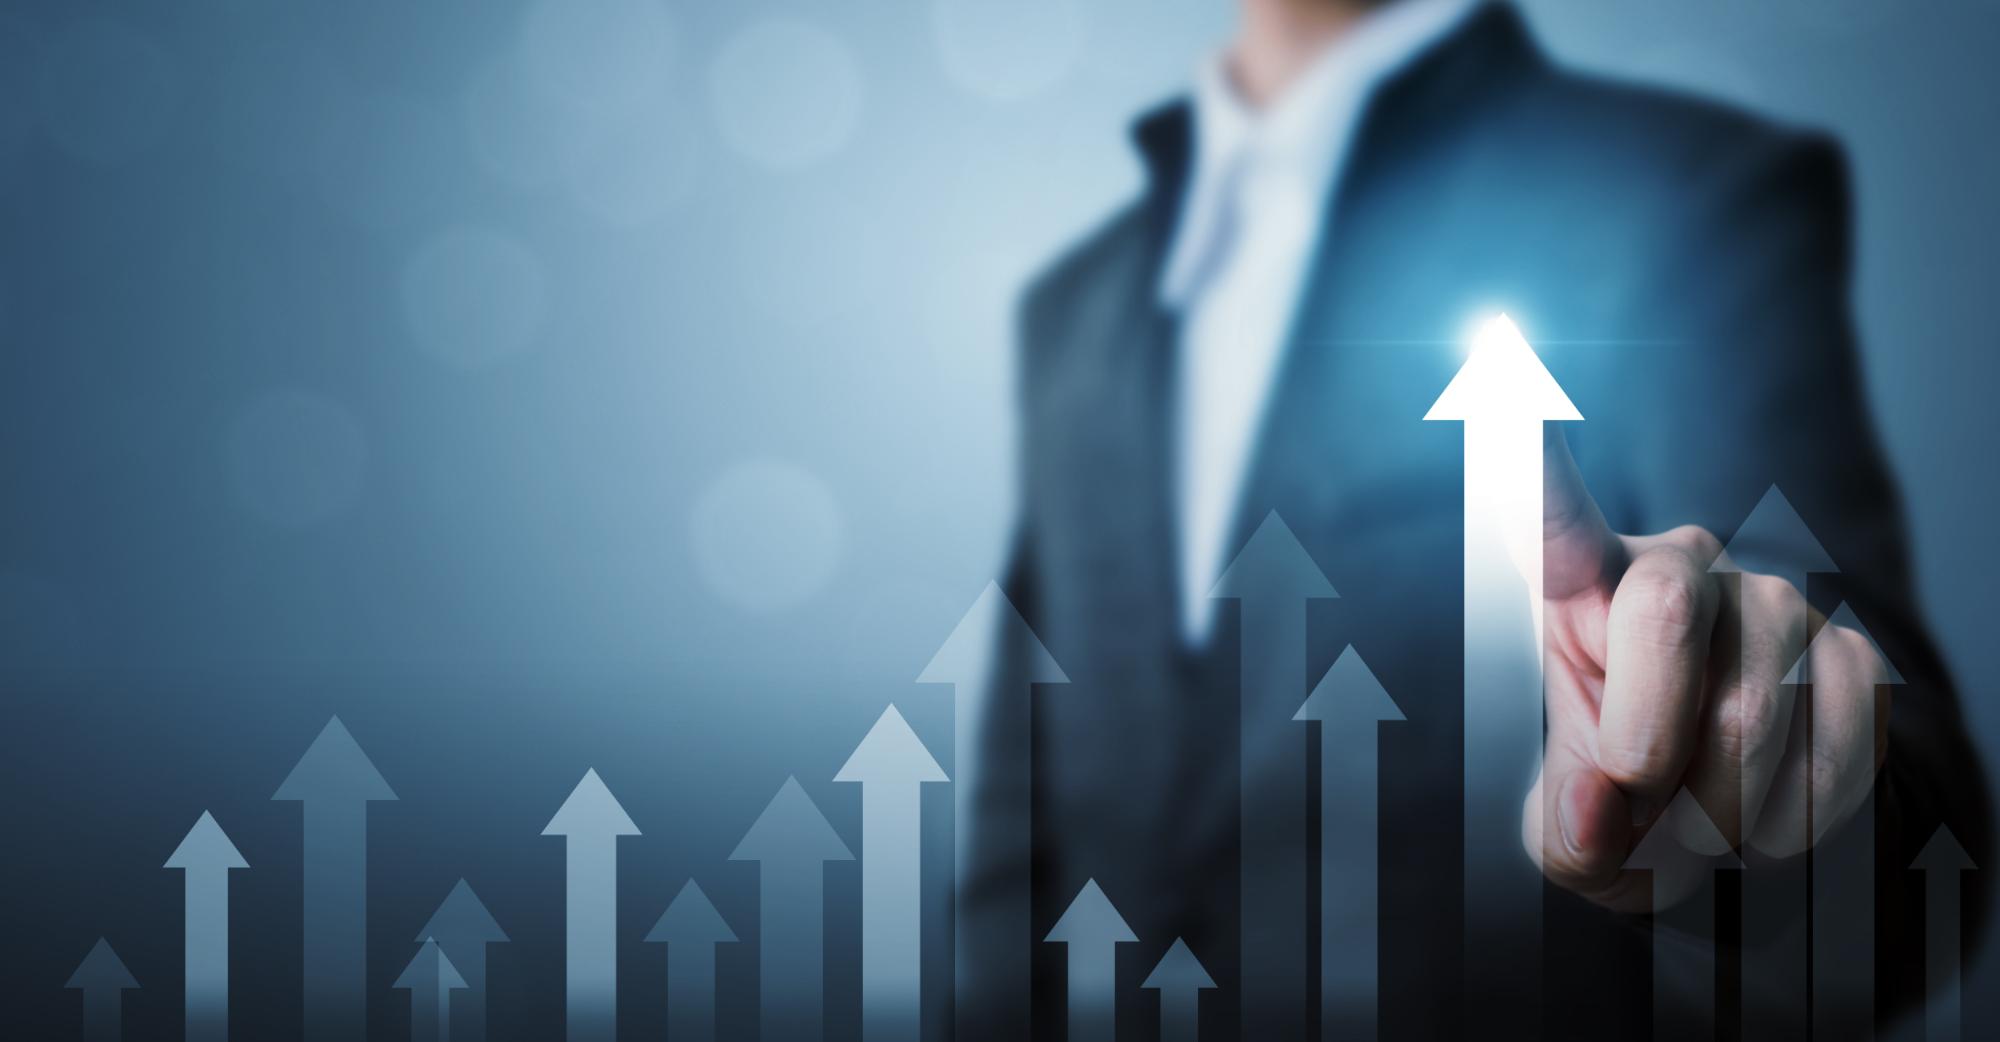 Développement des affaires vers le succès et le concept de croissance croissante. Homme d'affaires pointant la flèche graphique plan de croissance future de l'entreprise